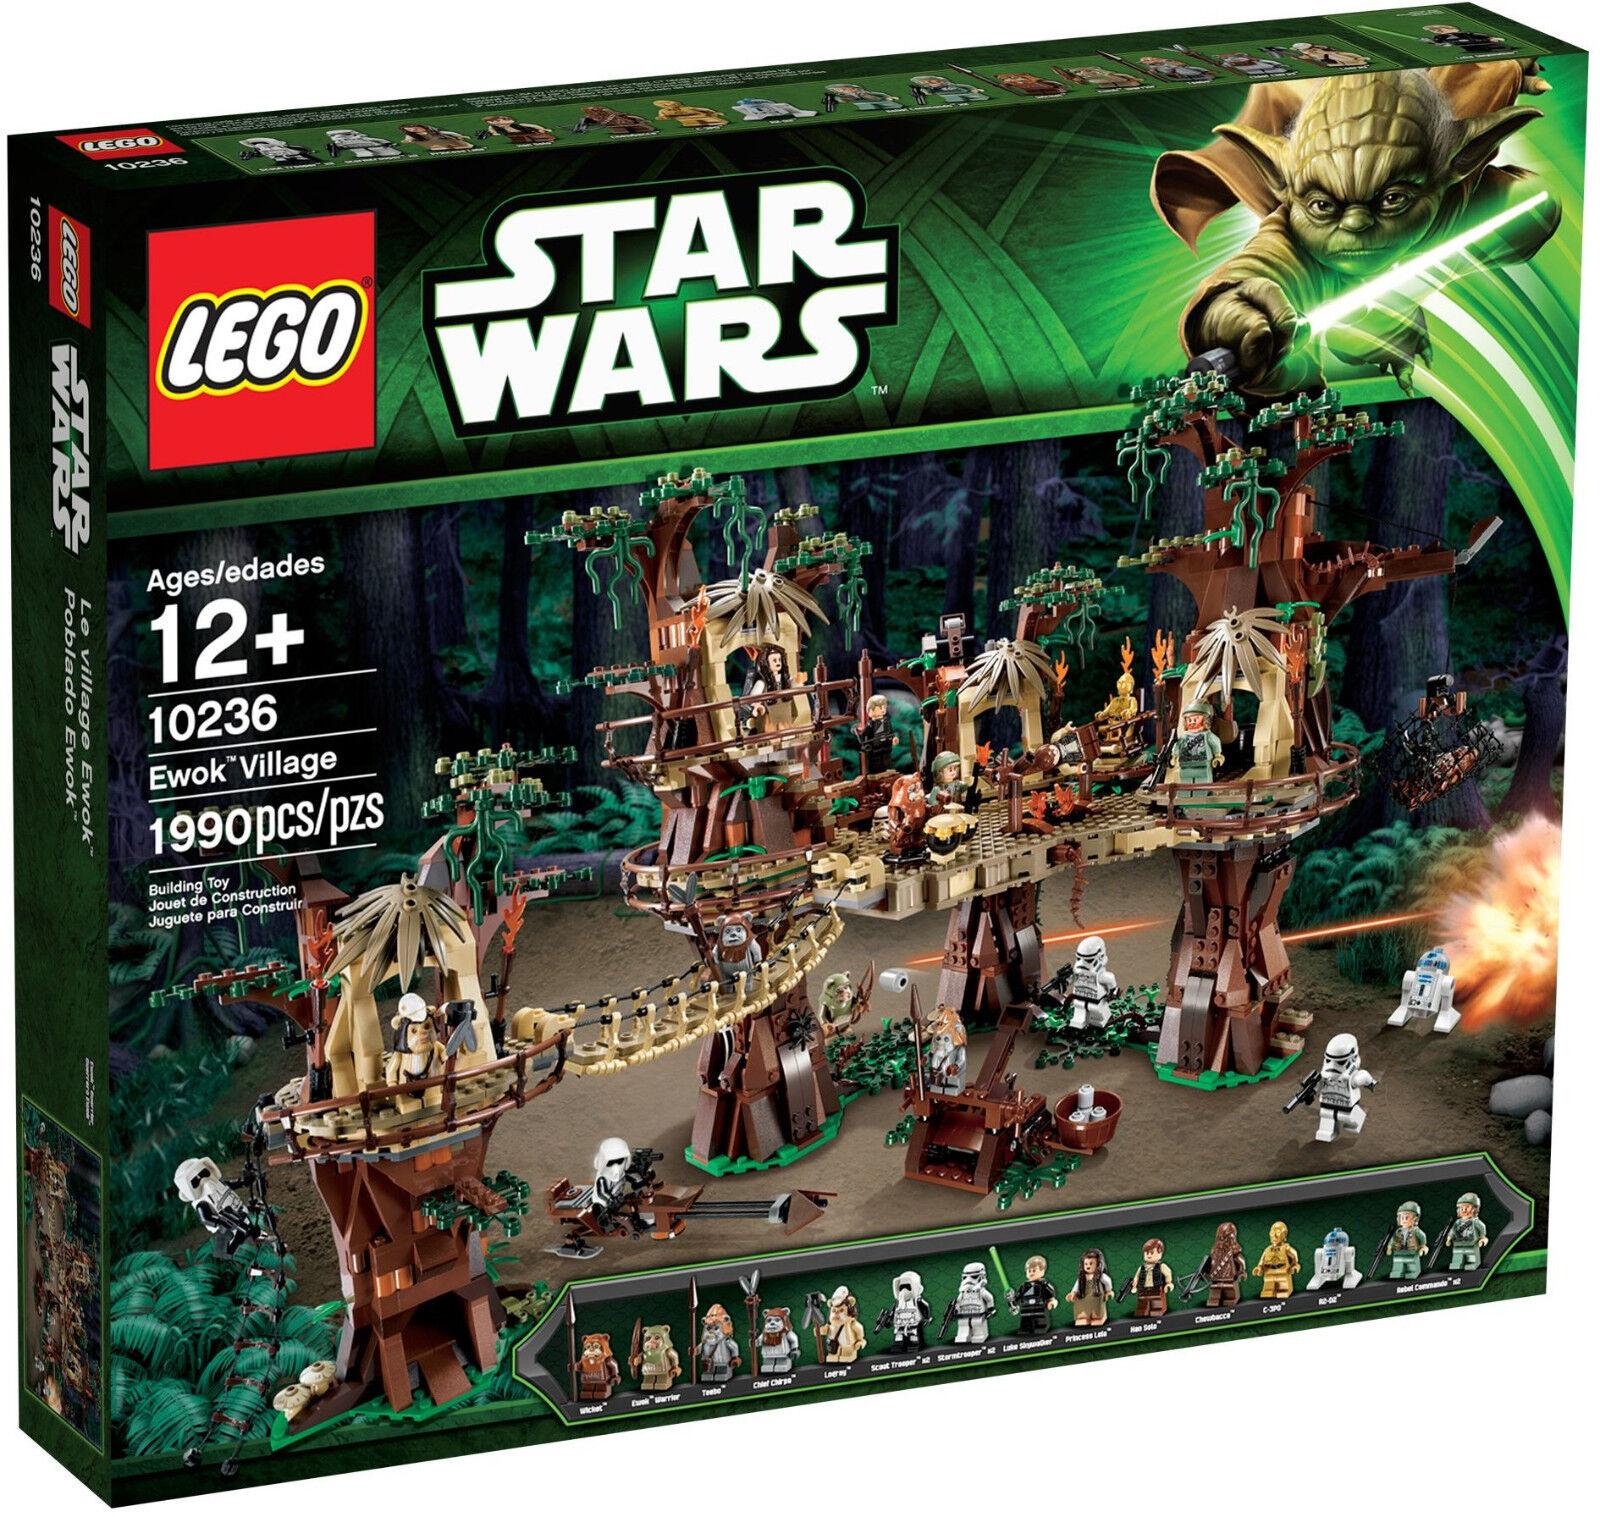 LEGO STAR WARS UCS 10236 Ewok Village NEWNEUF Leia  Rebel Endor return of JEDI